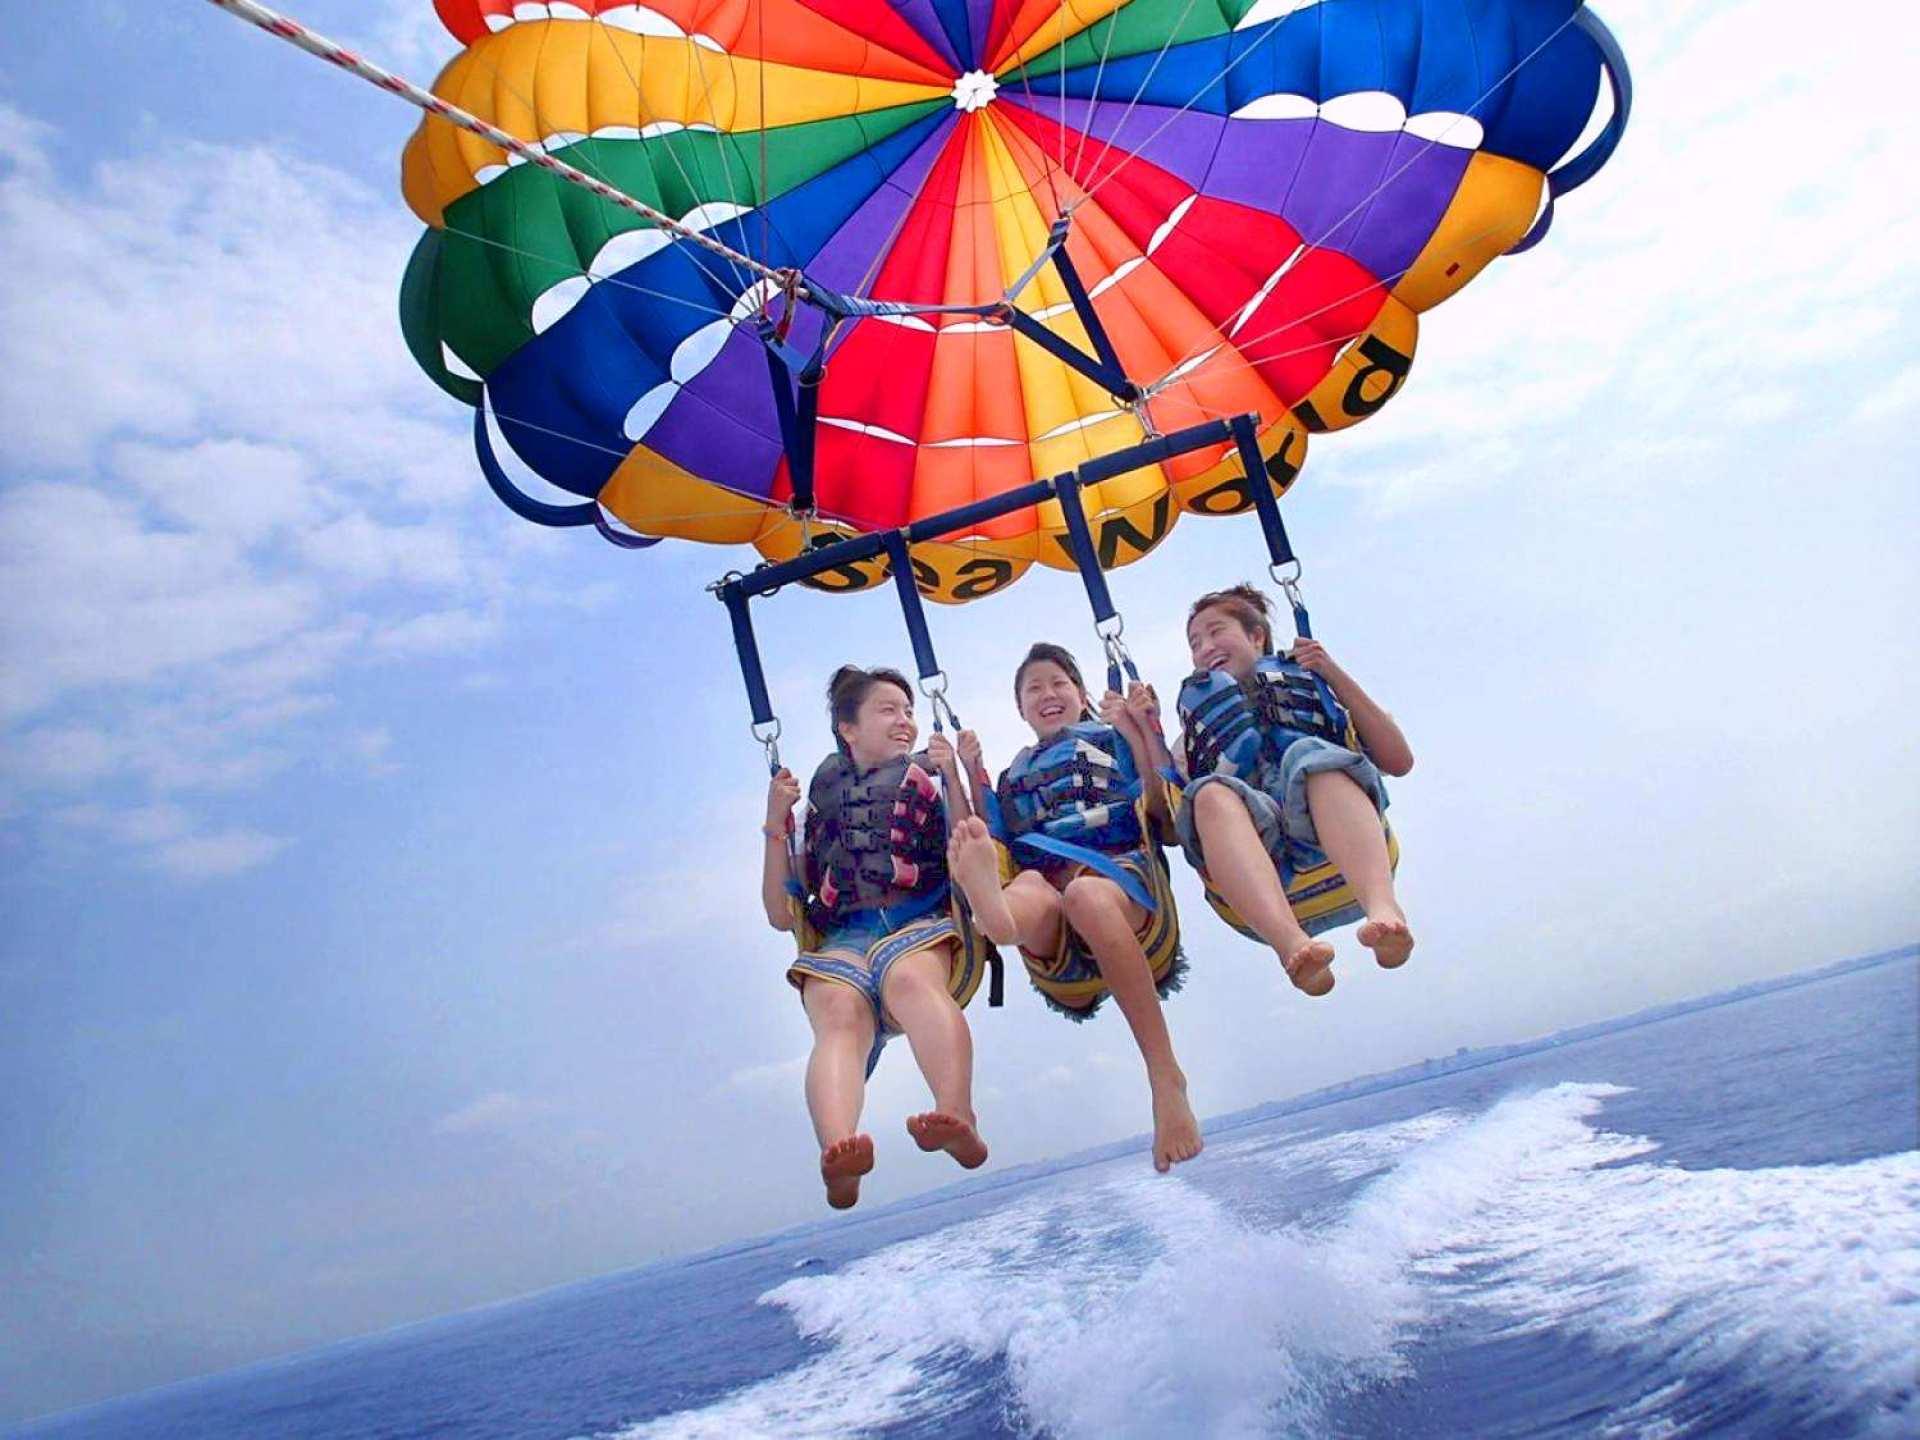 【沖繩水上活動】沖繩海上拖曳傘飛行體驗